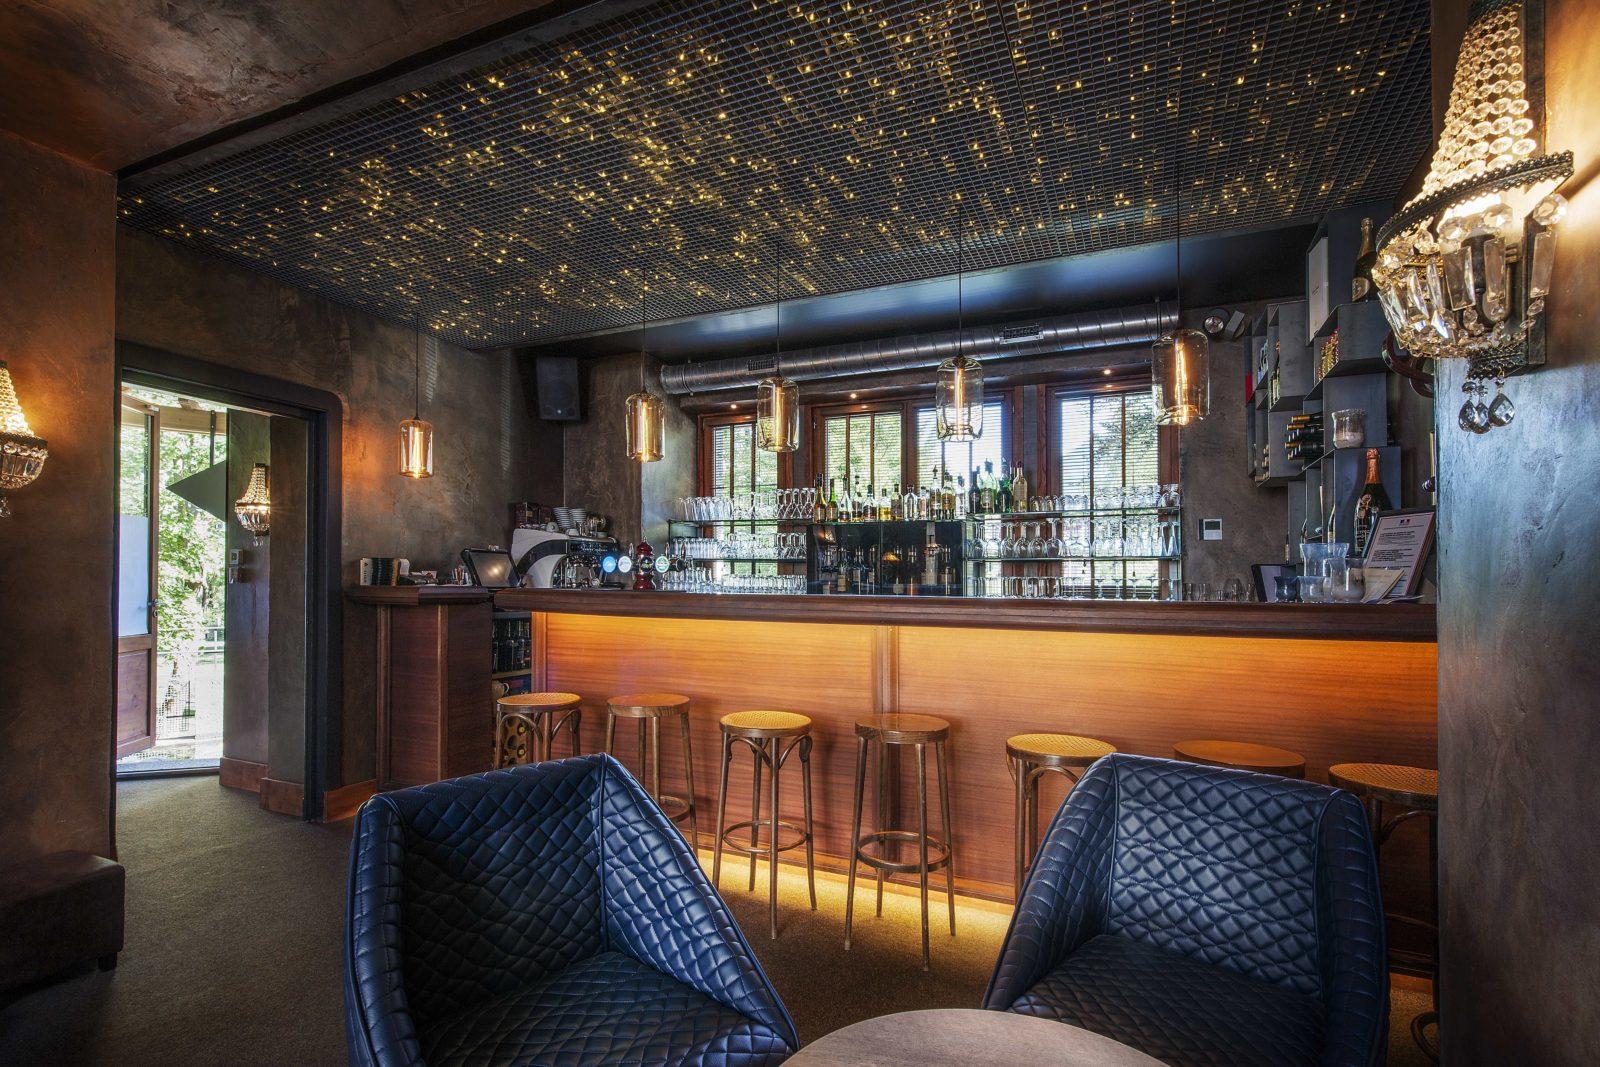 Chamonix maison des artistes intérieur le bar